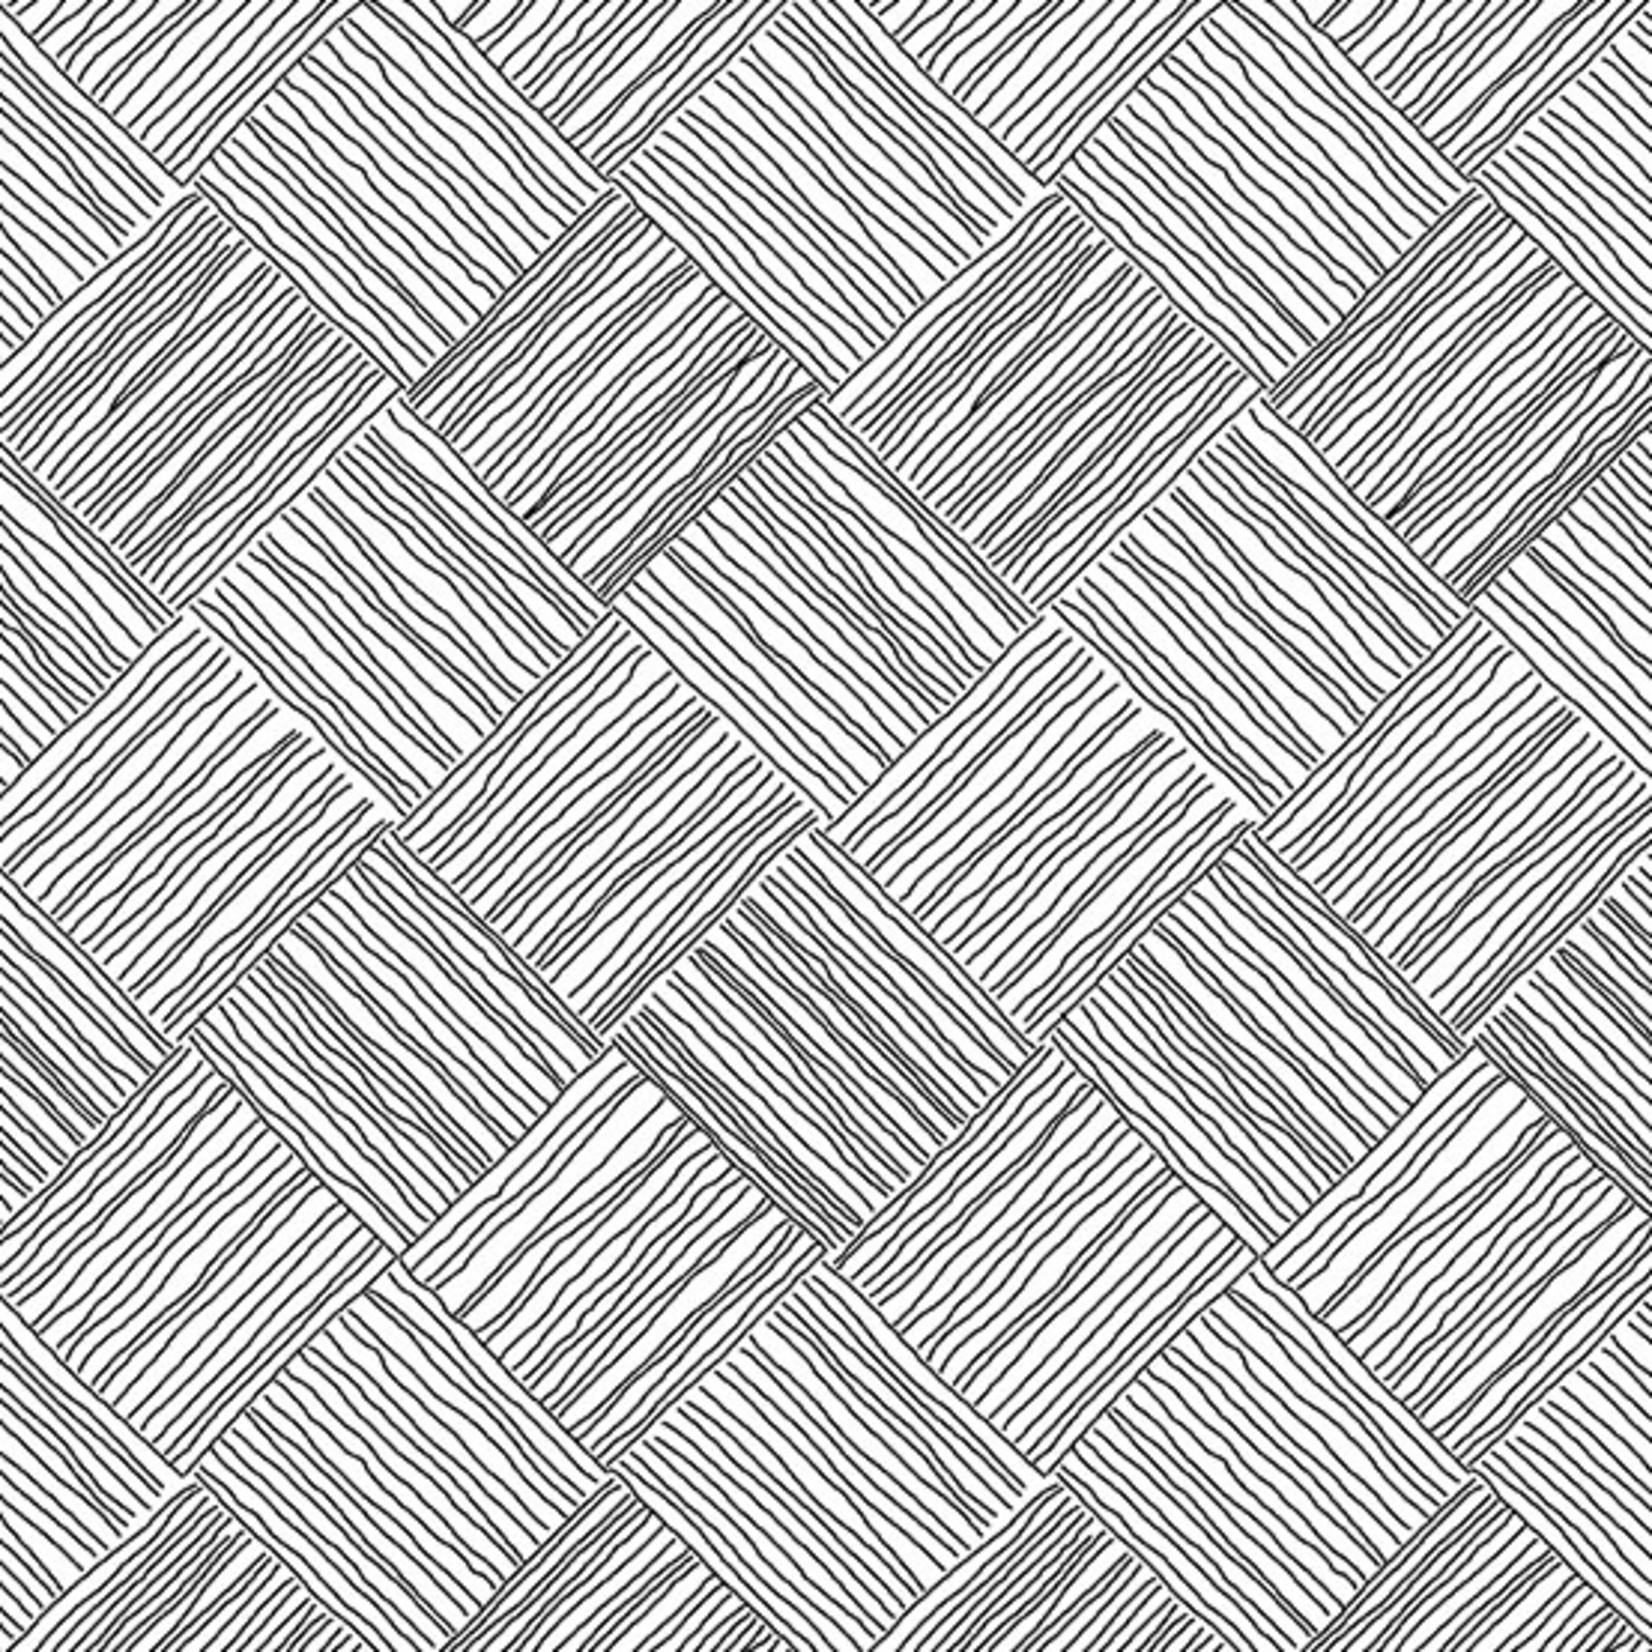 Andover Century Black on White, Bias Checkerboard CS-9668-L $0.18 per cm or $18/m